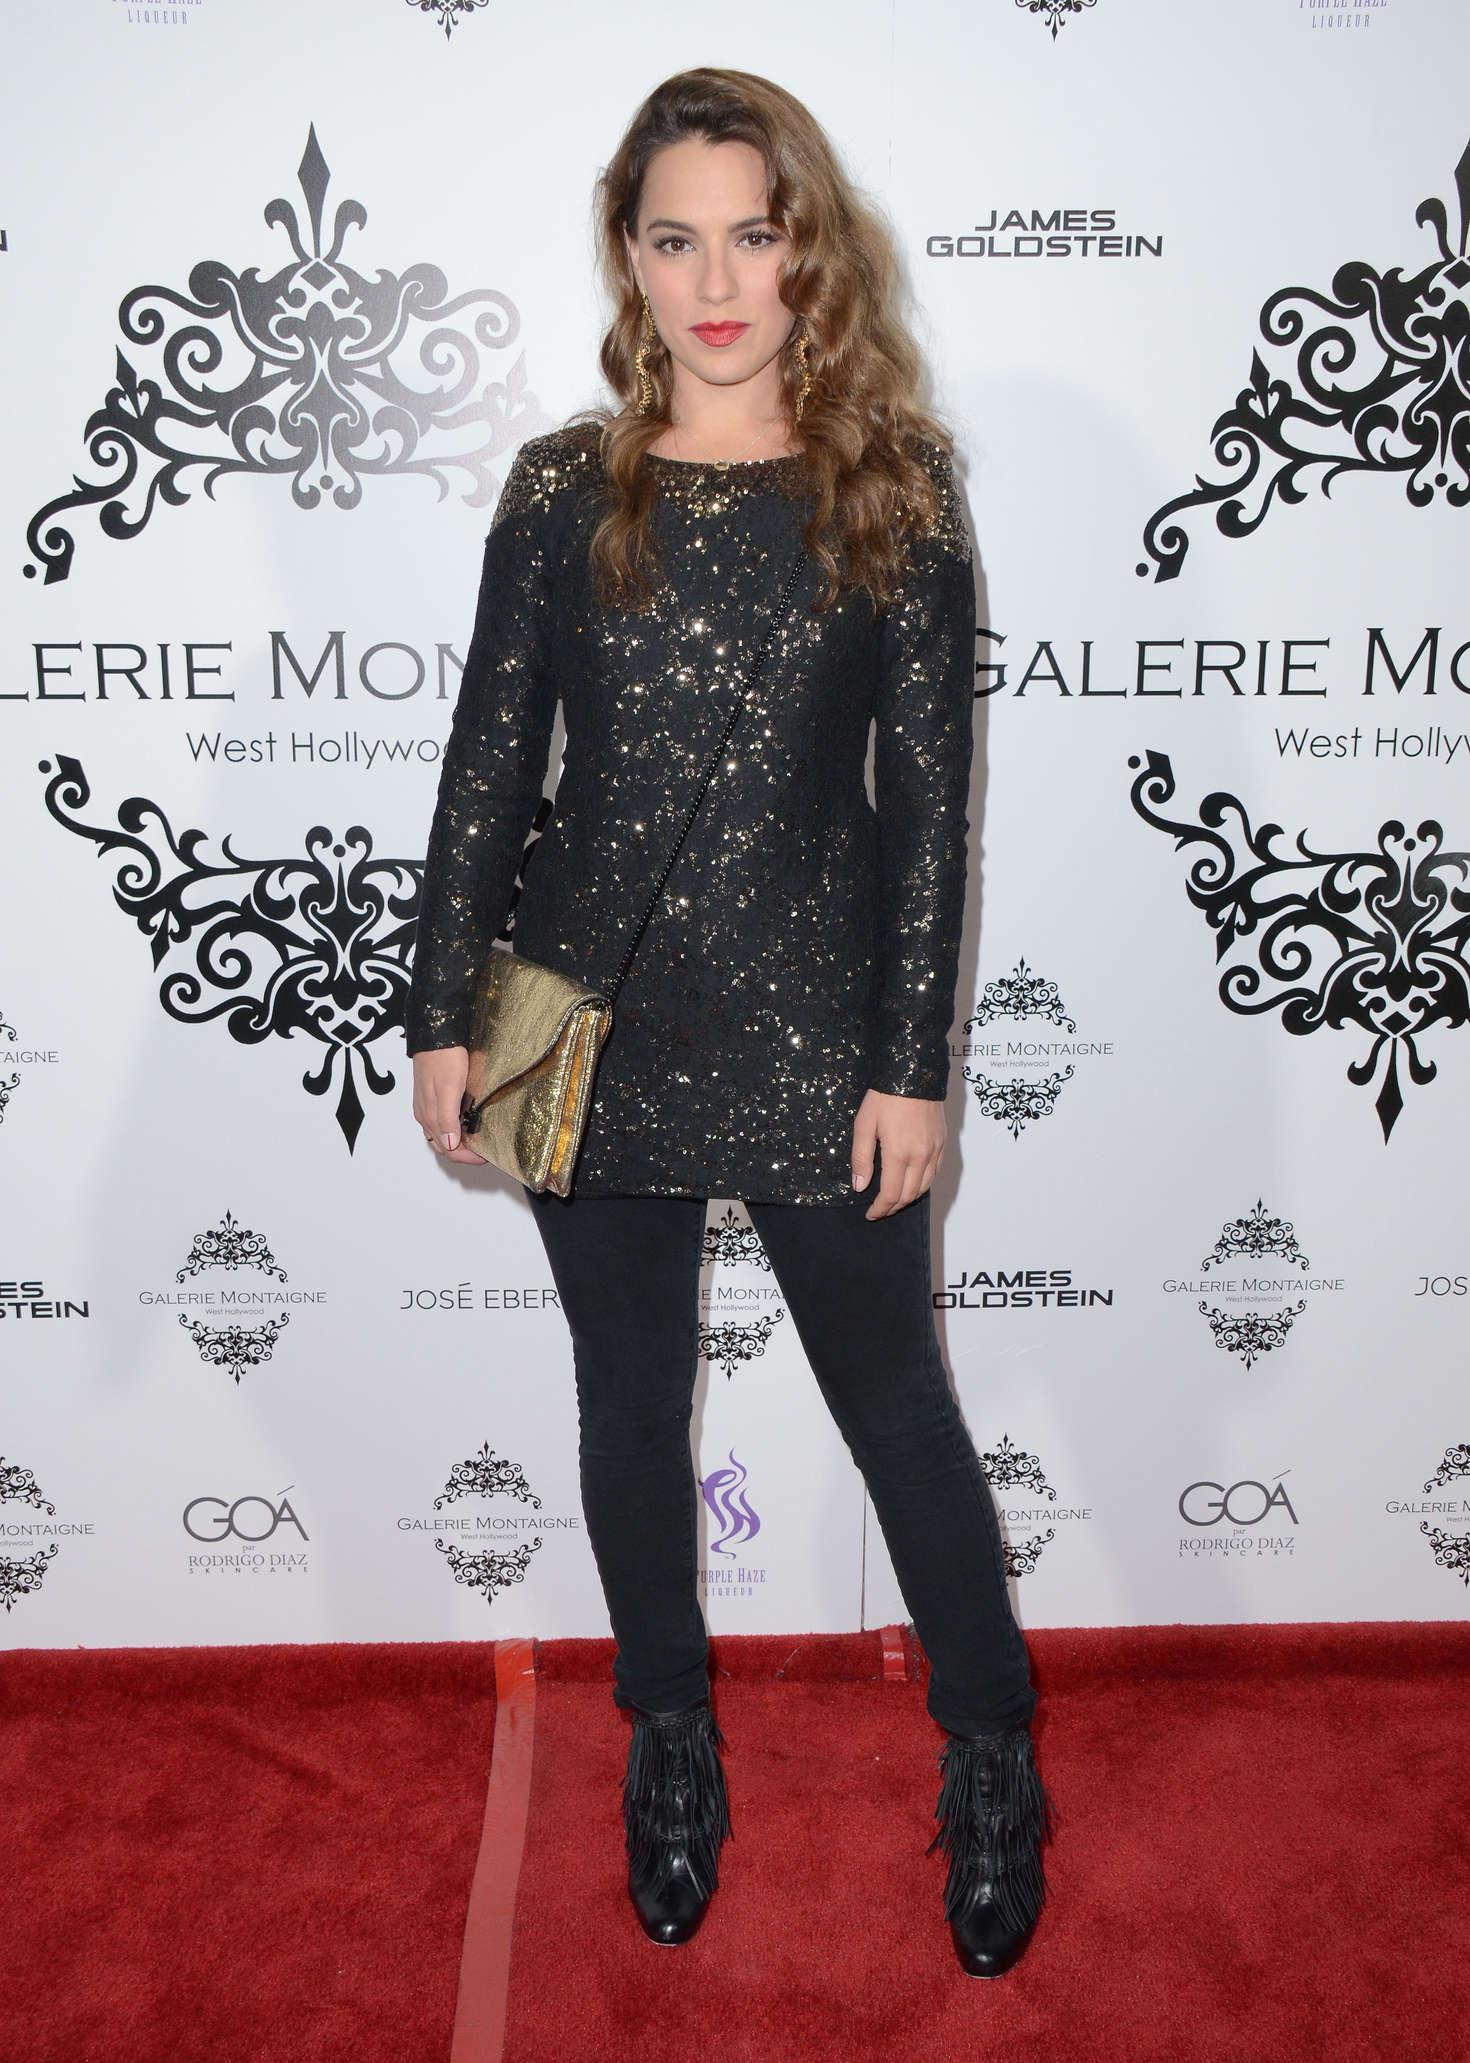 Melia Kreiling Galerie Montaigne Opening in Los Angeles